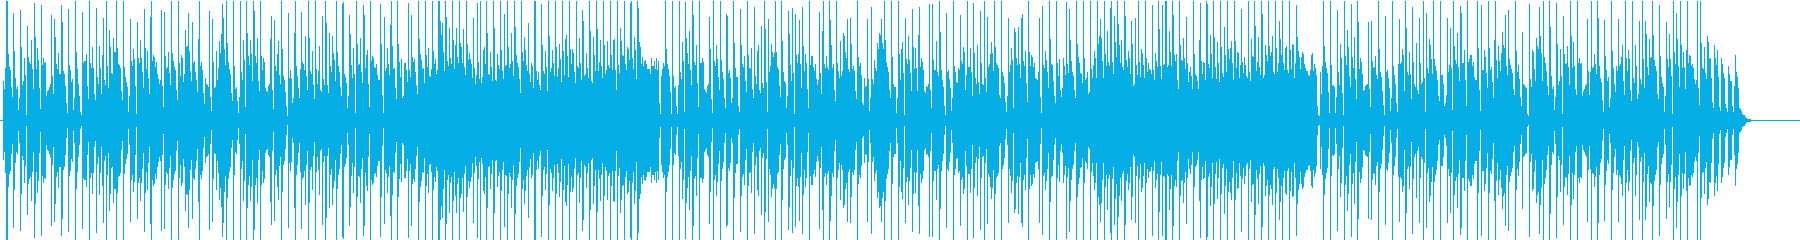 料理_子供_動物系動画向けハッピーな曲5の再生済みの波形